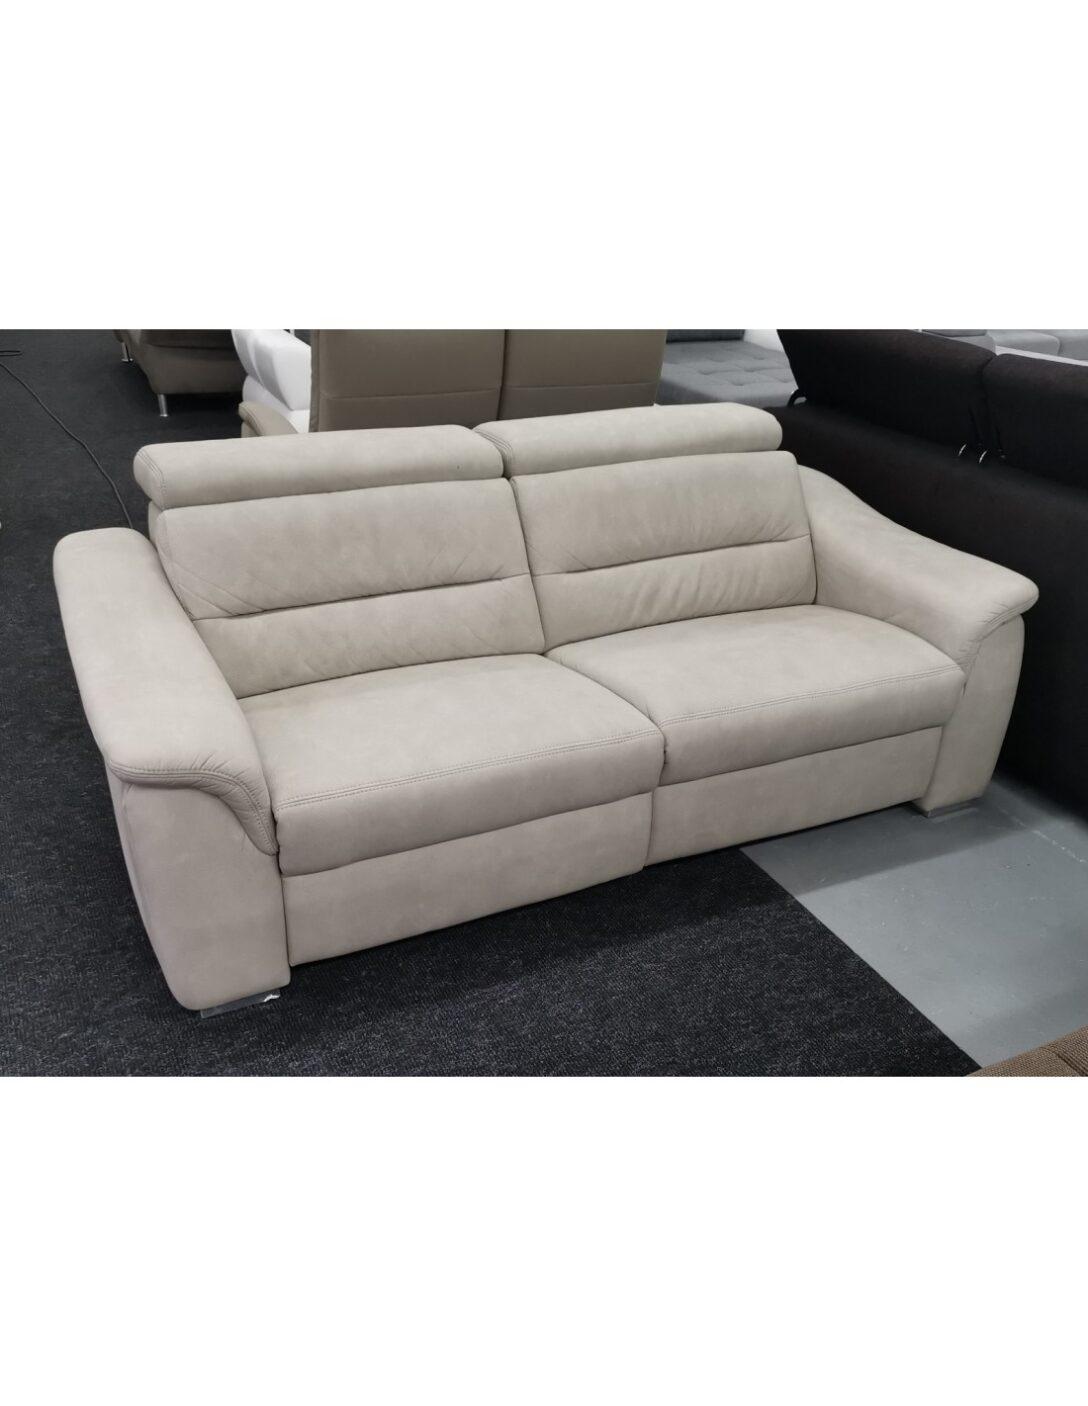 Large Size of Sofa Elektrische Relaxfunktion Couch Elektrisch Geladen Was Tun Mit Elektrischer Sitztiefenverstellung Durch Aufgeladen Ist Statisch Aufgeladen Was Ausfahrbar Sofa Sofa Elektrisch